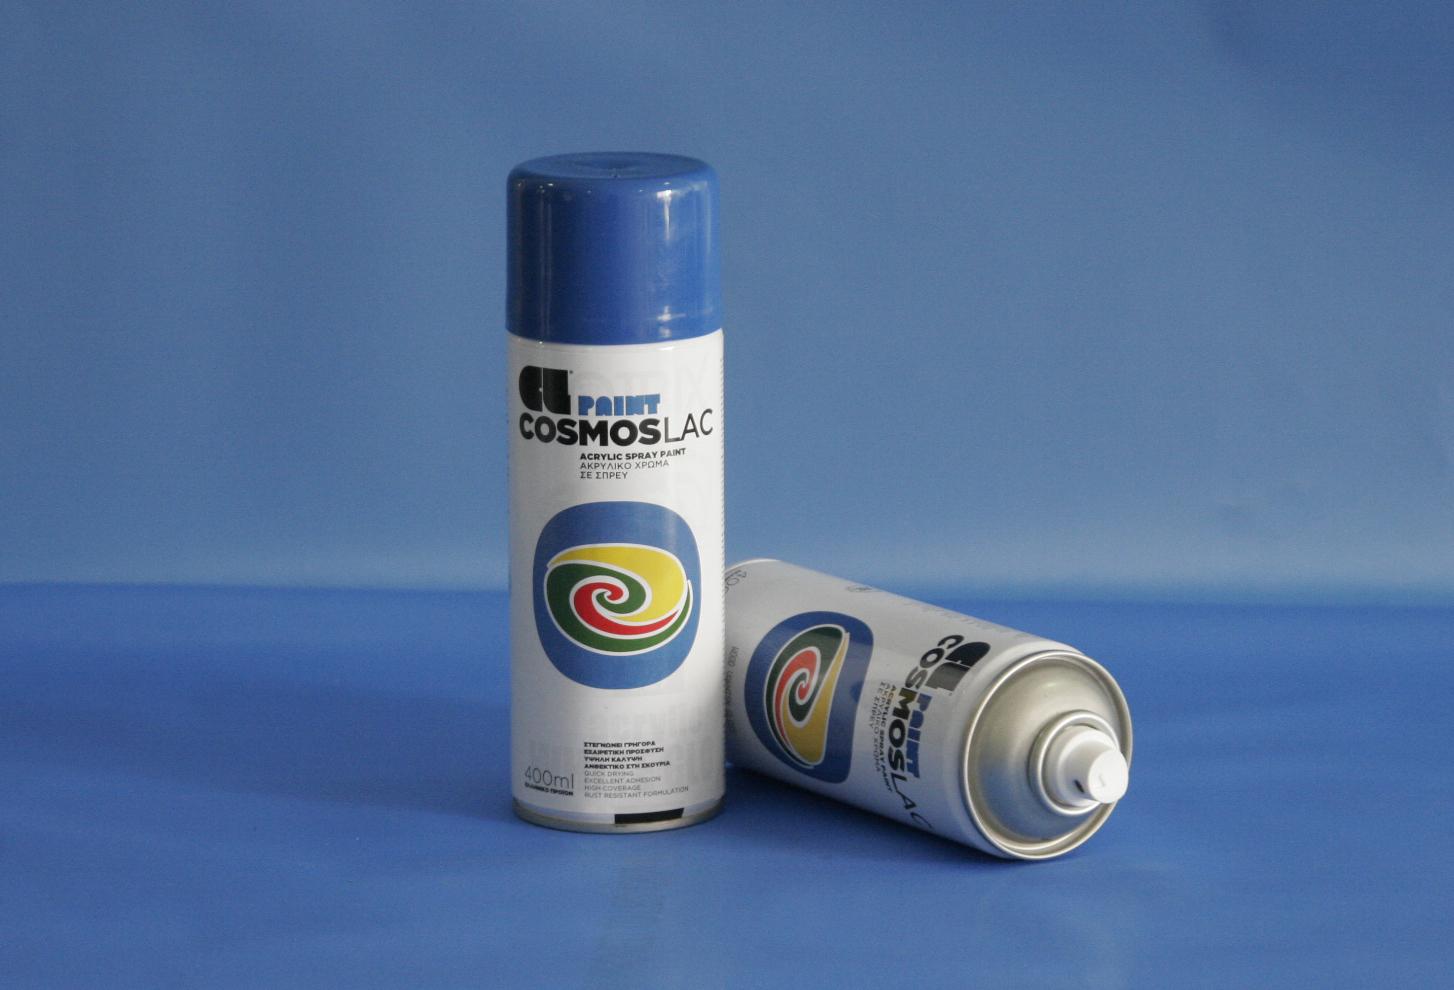 Cosmos-Lac N341 400ml Traffic Blue (Spray Can)